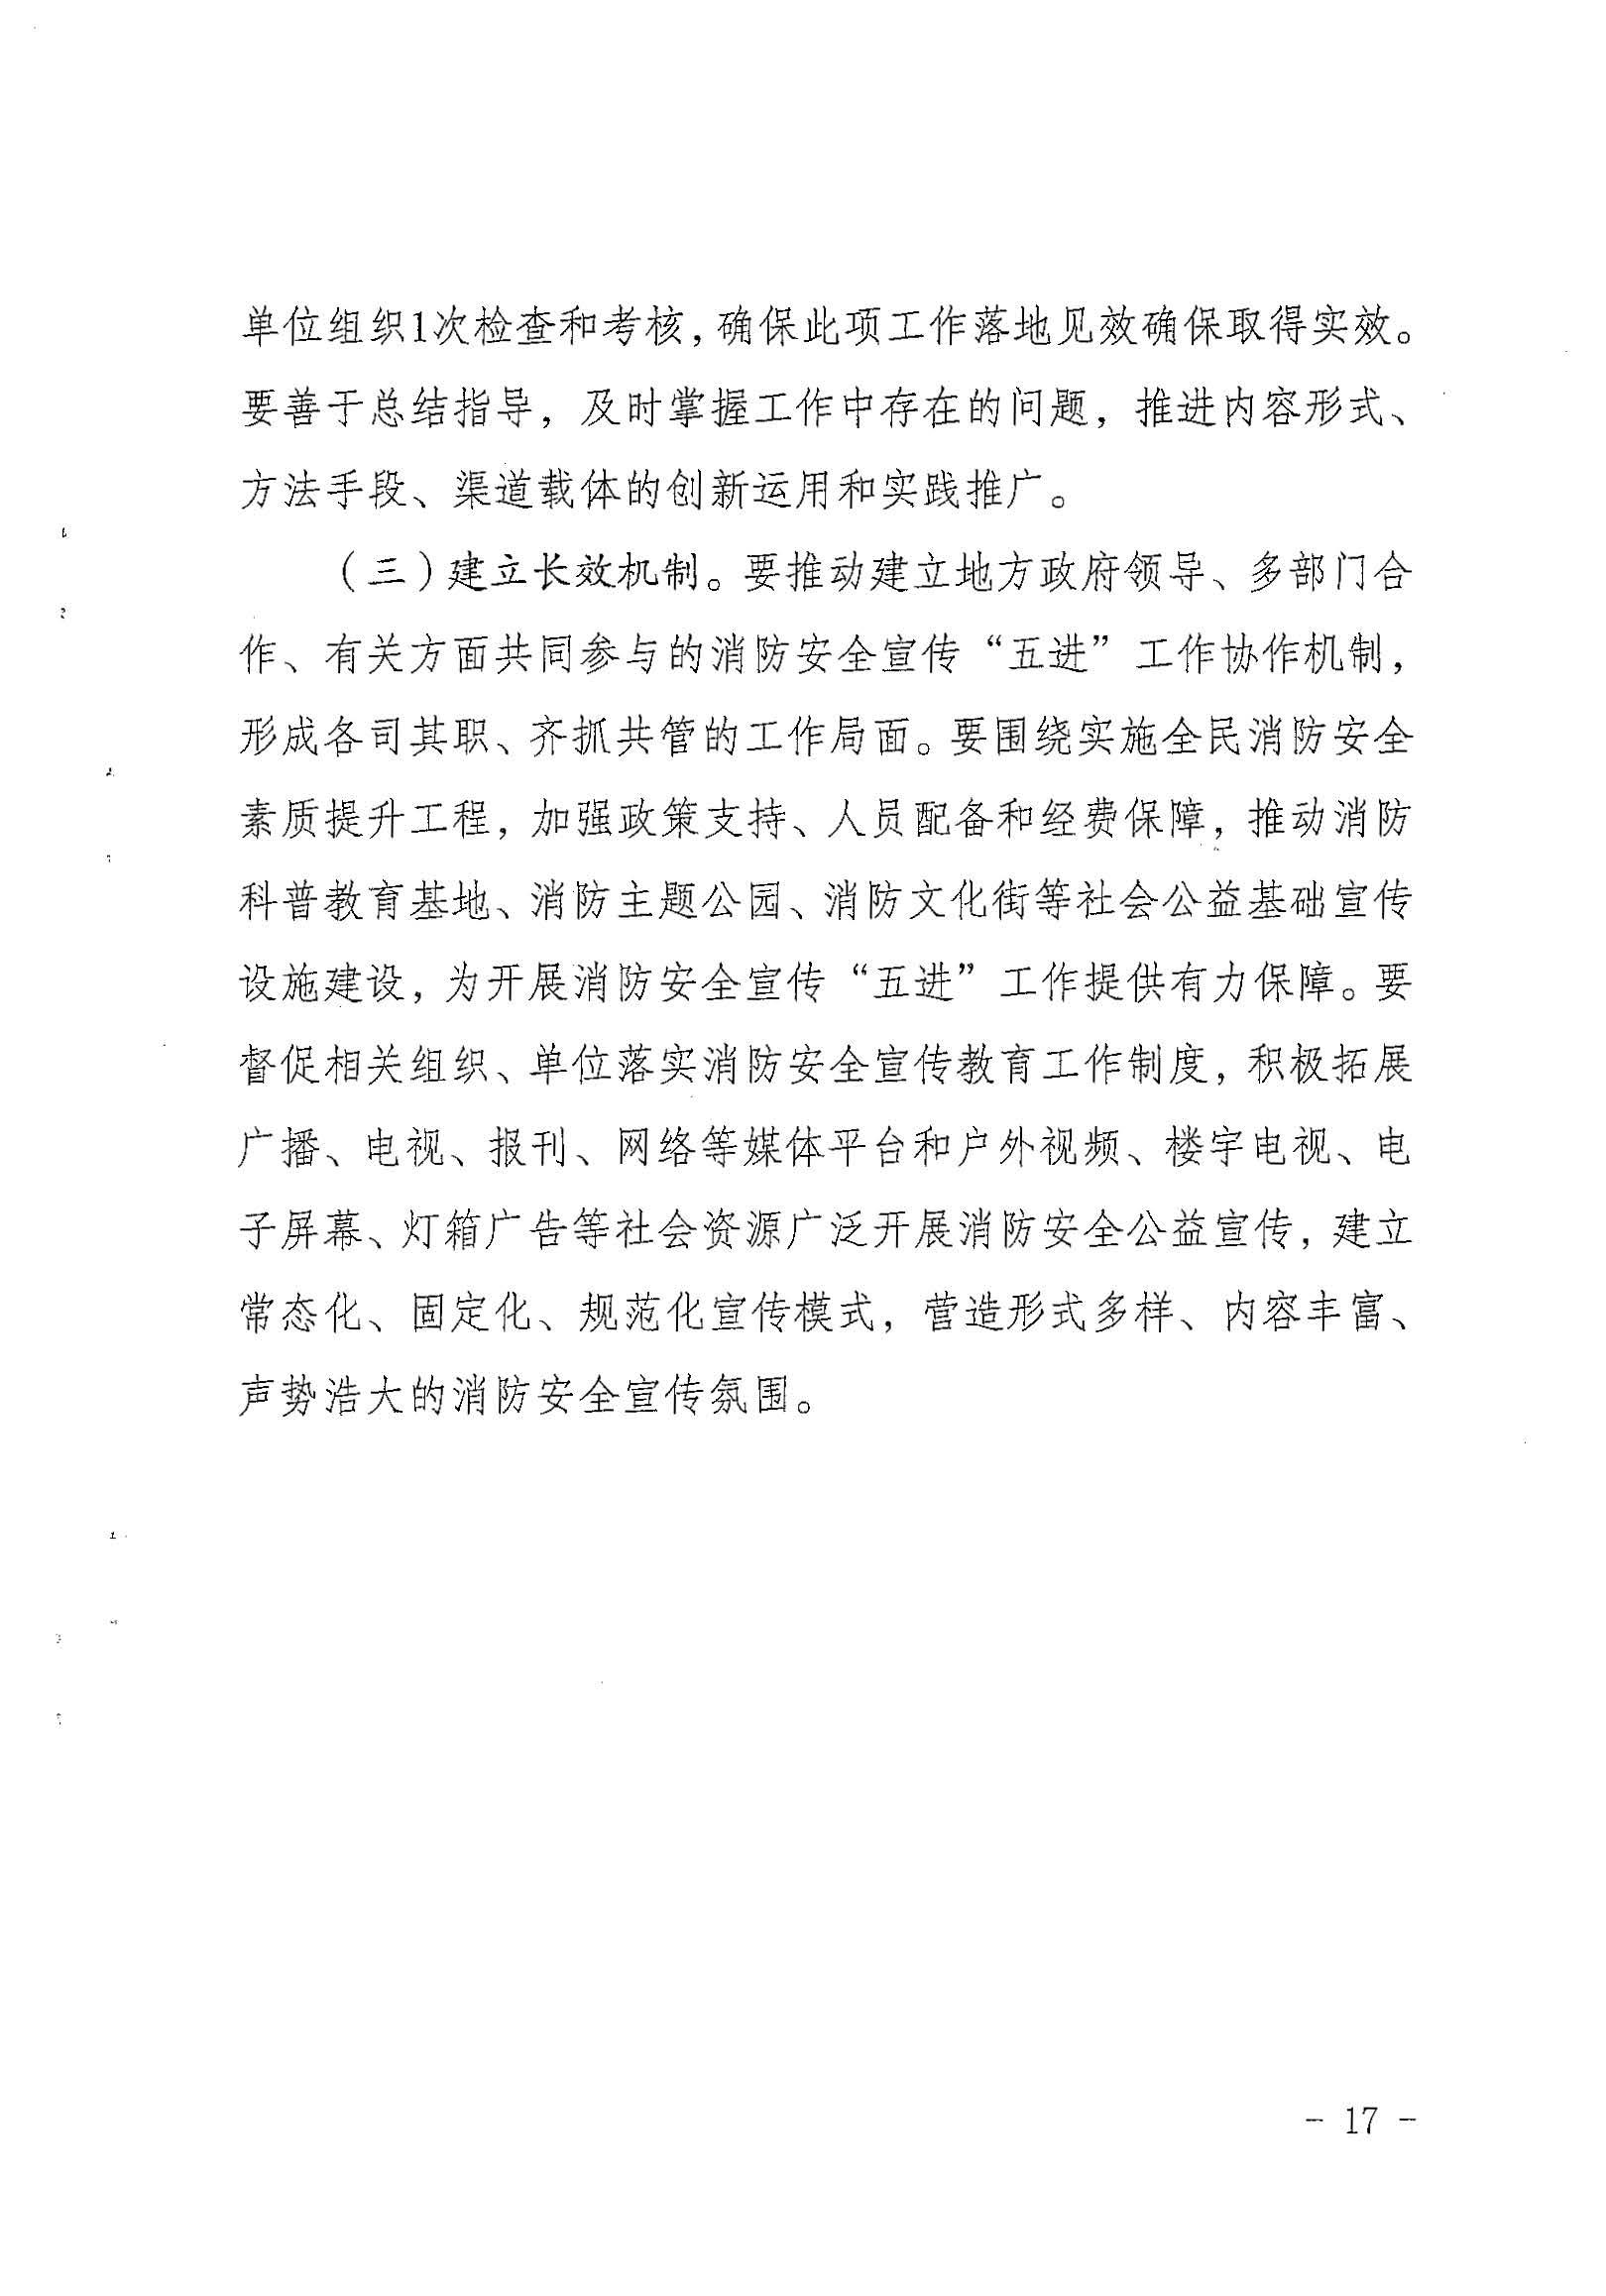 """省消防安委办关于印发《青海省消防安全宣传教育""""五进""""工作实施细则》的通知(青消安委[2020]20号)_页面_17.jpg"""